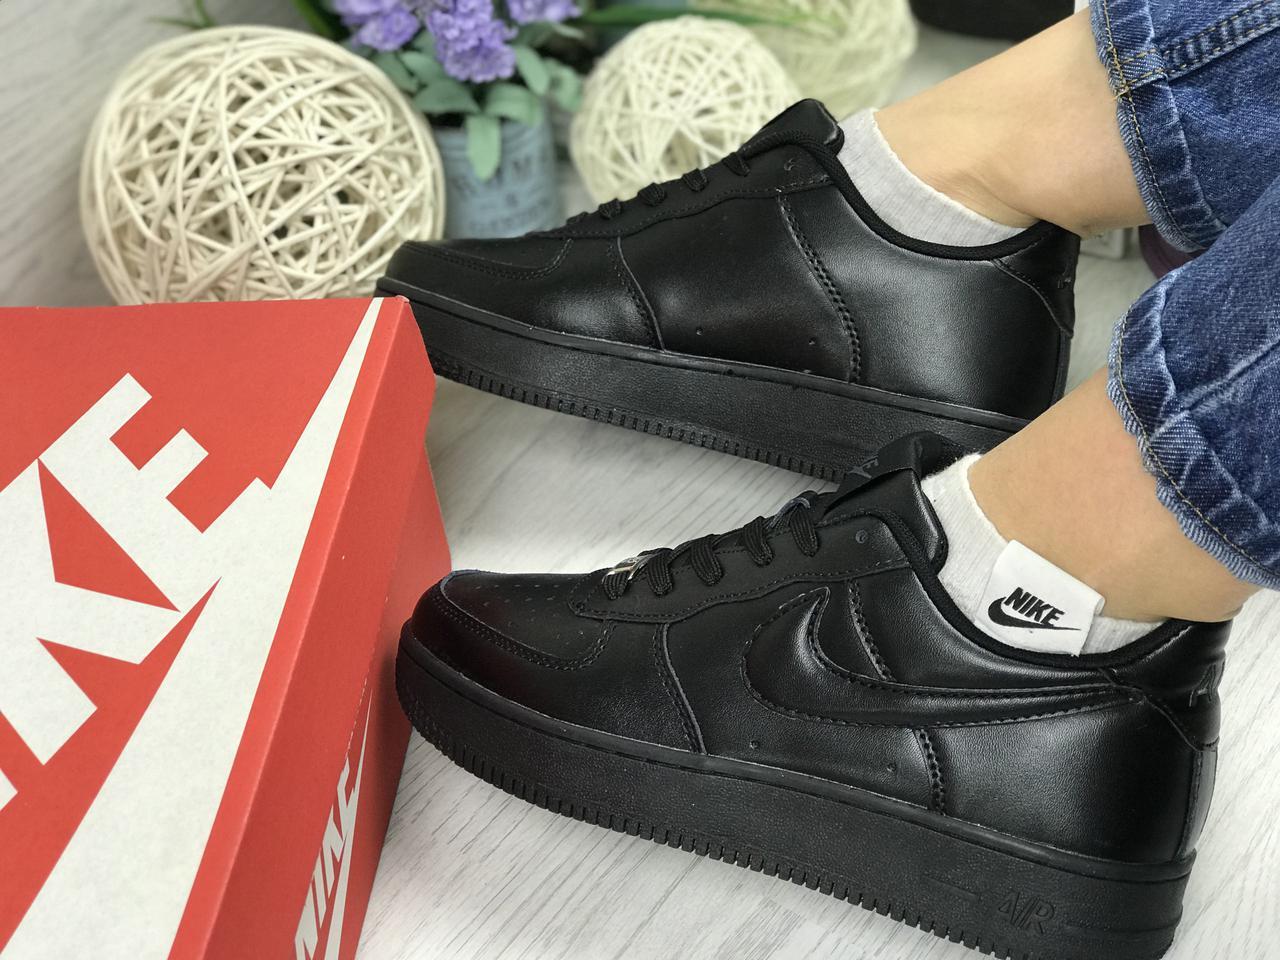 0e83c9bd Низкие кроссовки Nike Air Force, женские, черные (Реплика) -  Интернет-магазин